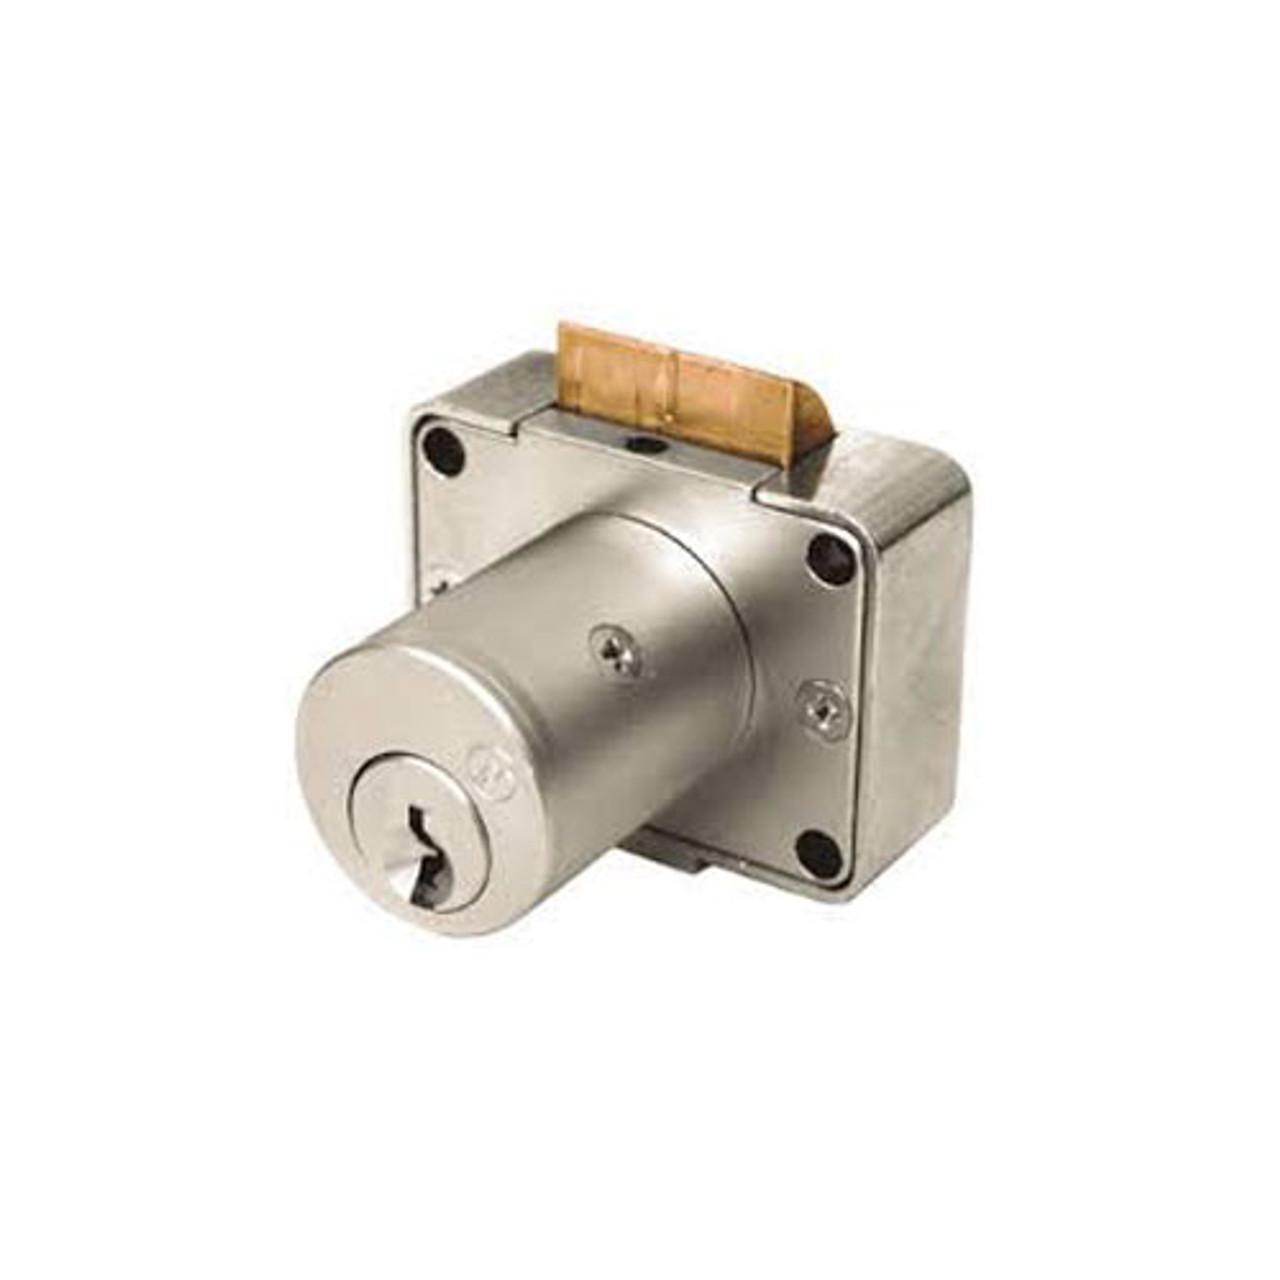 Olympus 998V-VH-KA103-26D-7/8 Cabinet Locks in Satin Chrome Finish